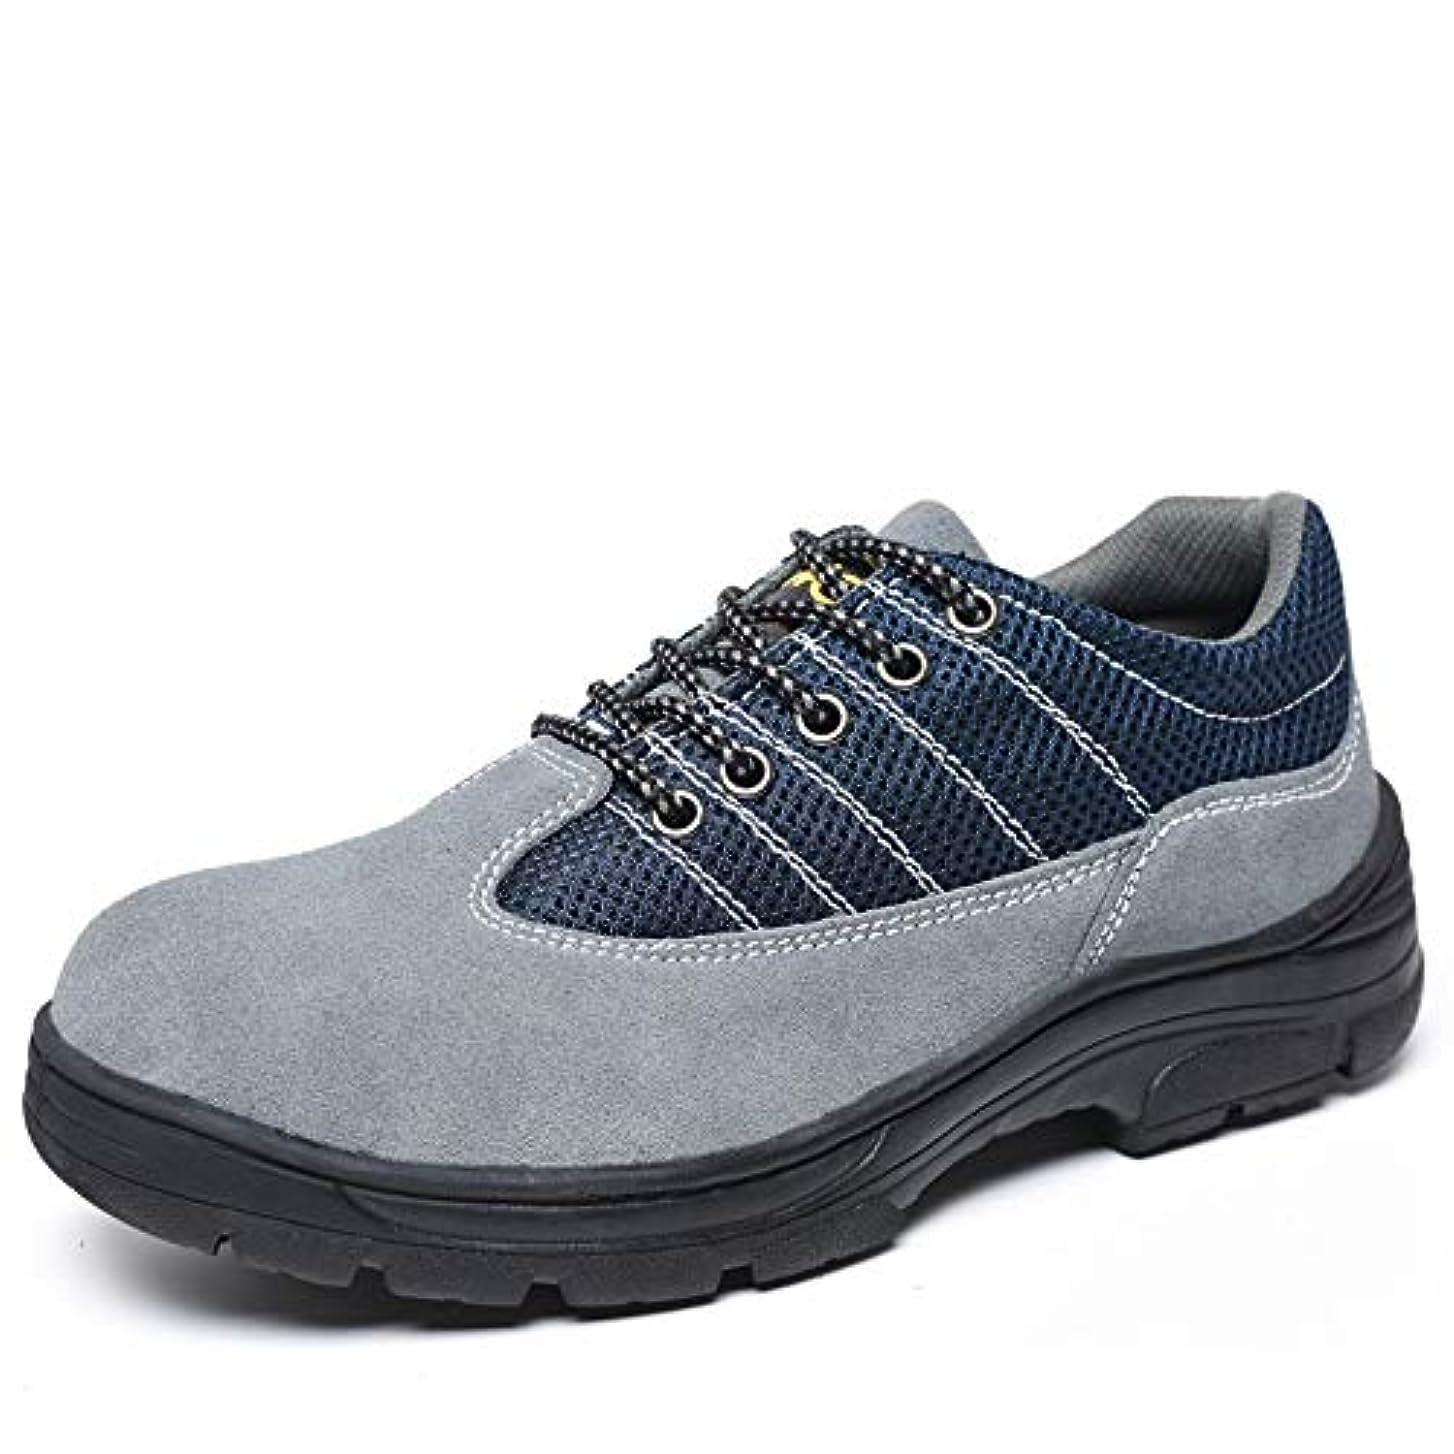 サポートシャーロックホームズ準拠方朝日スポーツ用品店 男性のアウトドアスポーツの靴の仕事の靴労働保険の靴の反スマッシング反ピアス保護靴 (色 : ブルー, サイズ : 41)